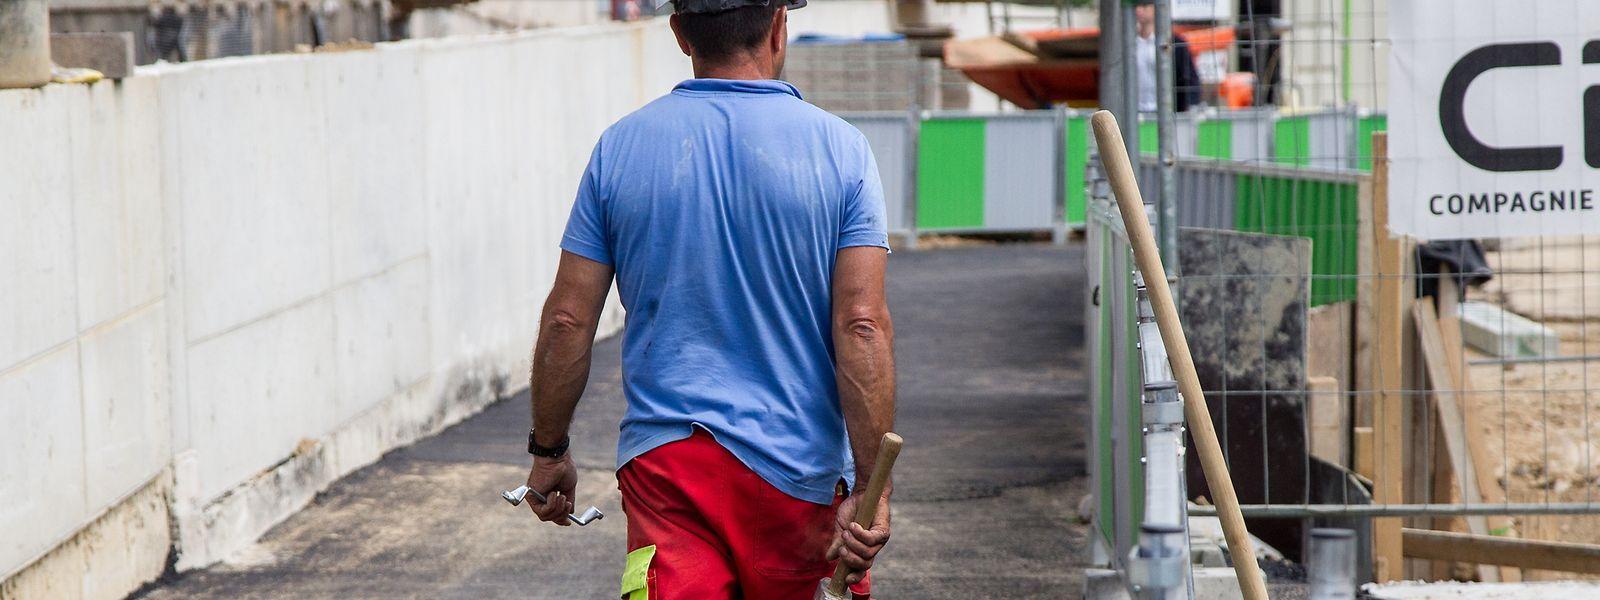 Eine Arbeitsstunde im Baugewerbe kostet im Schnitt 26 Euro.